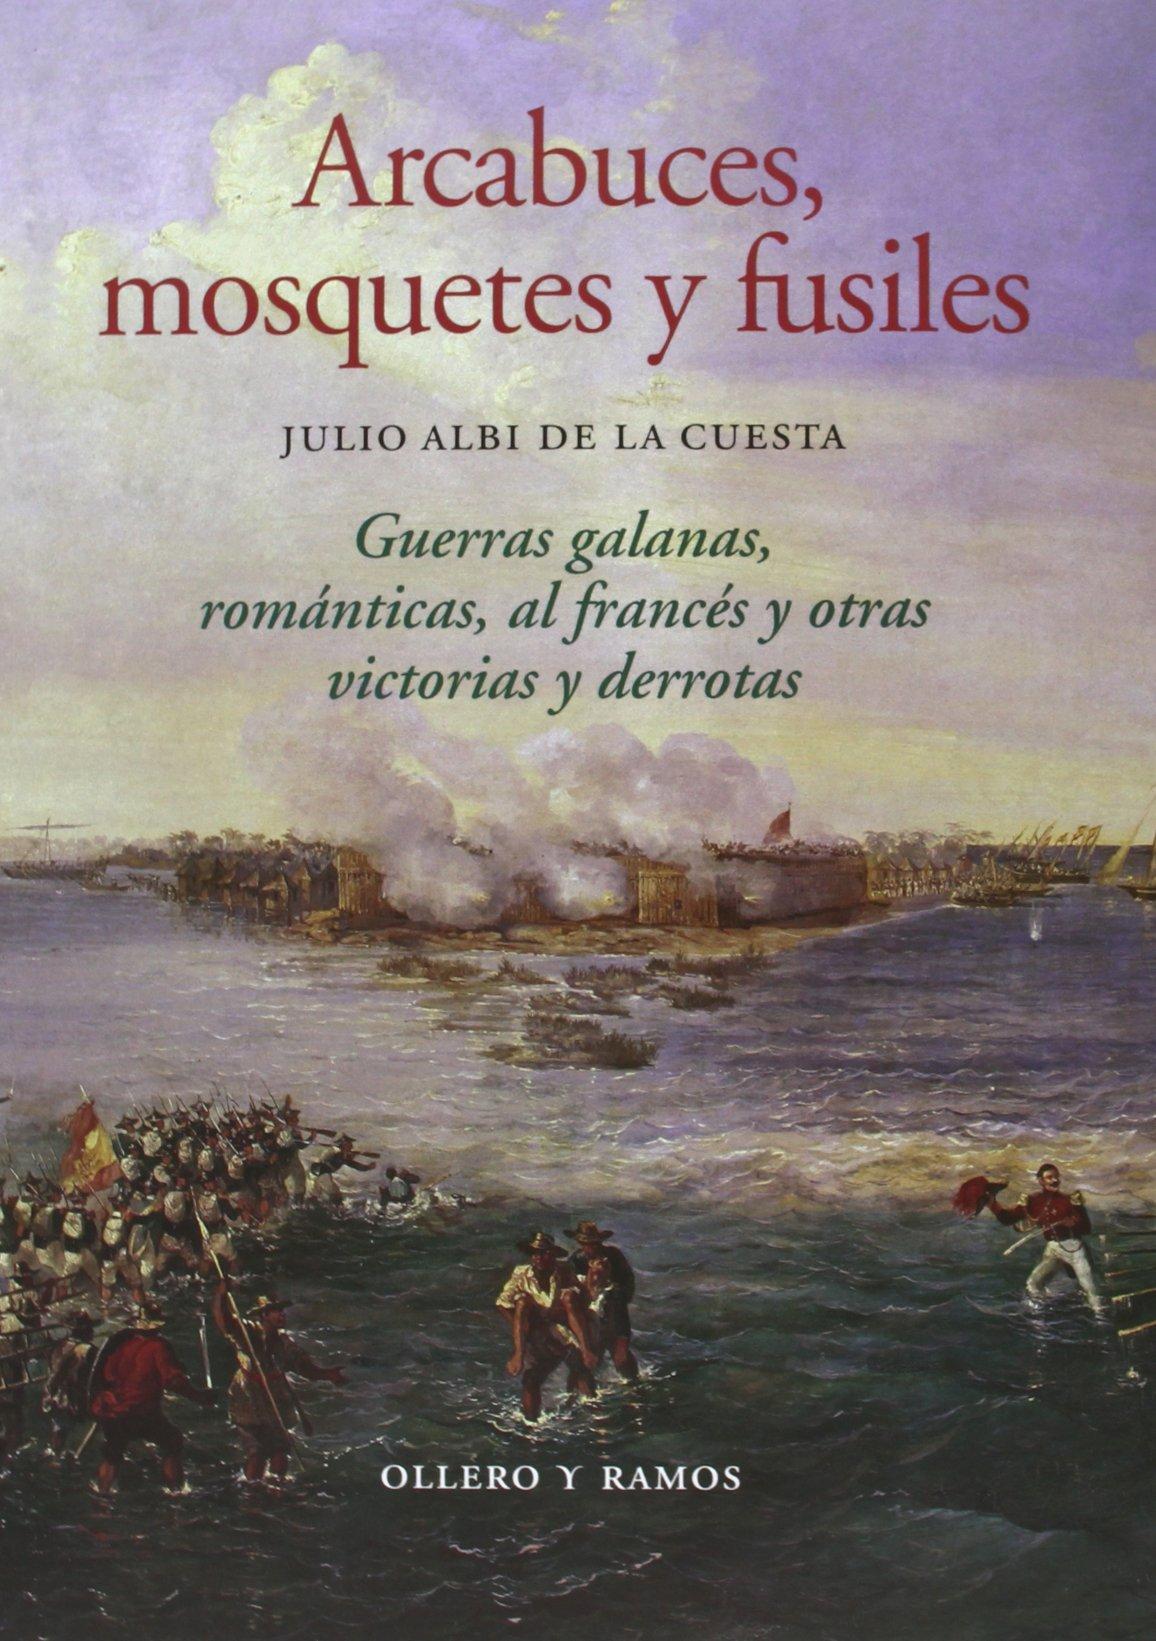 Arcabuces, mosquetes y fusiles: Guerras galanas, románticas, al francés y otras victorias y derrotas, de Julio Albi de la Cuesta